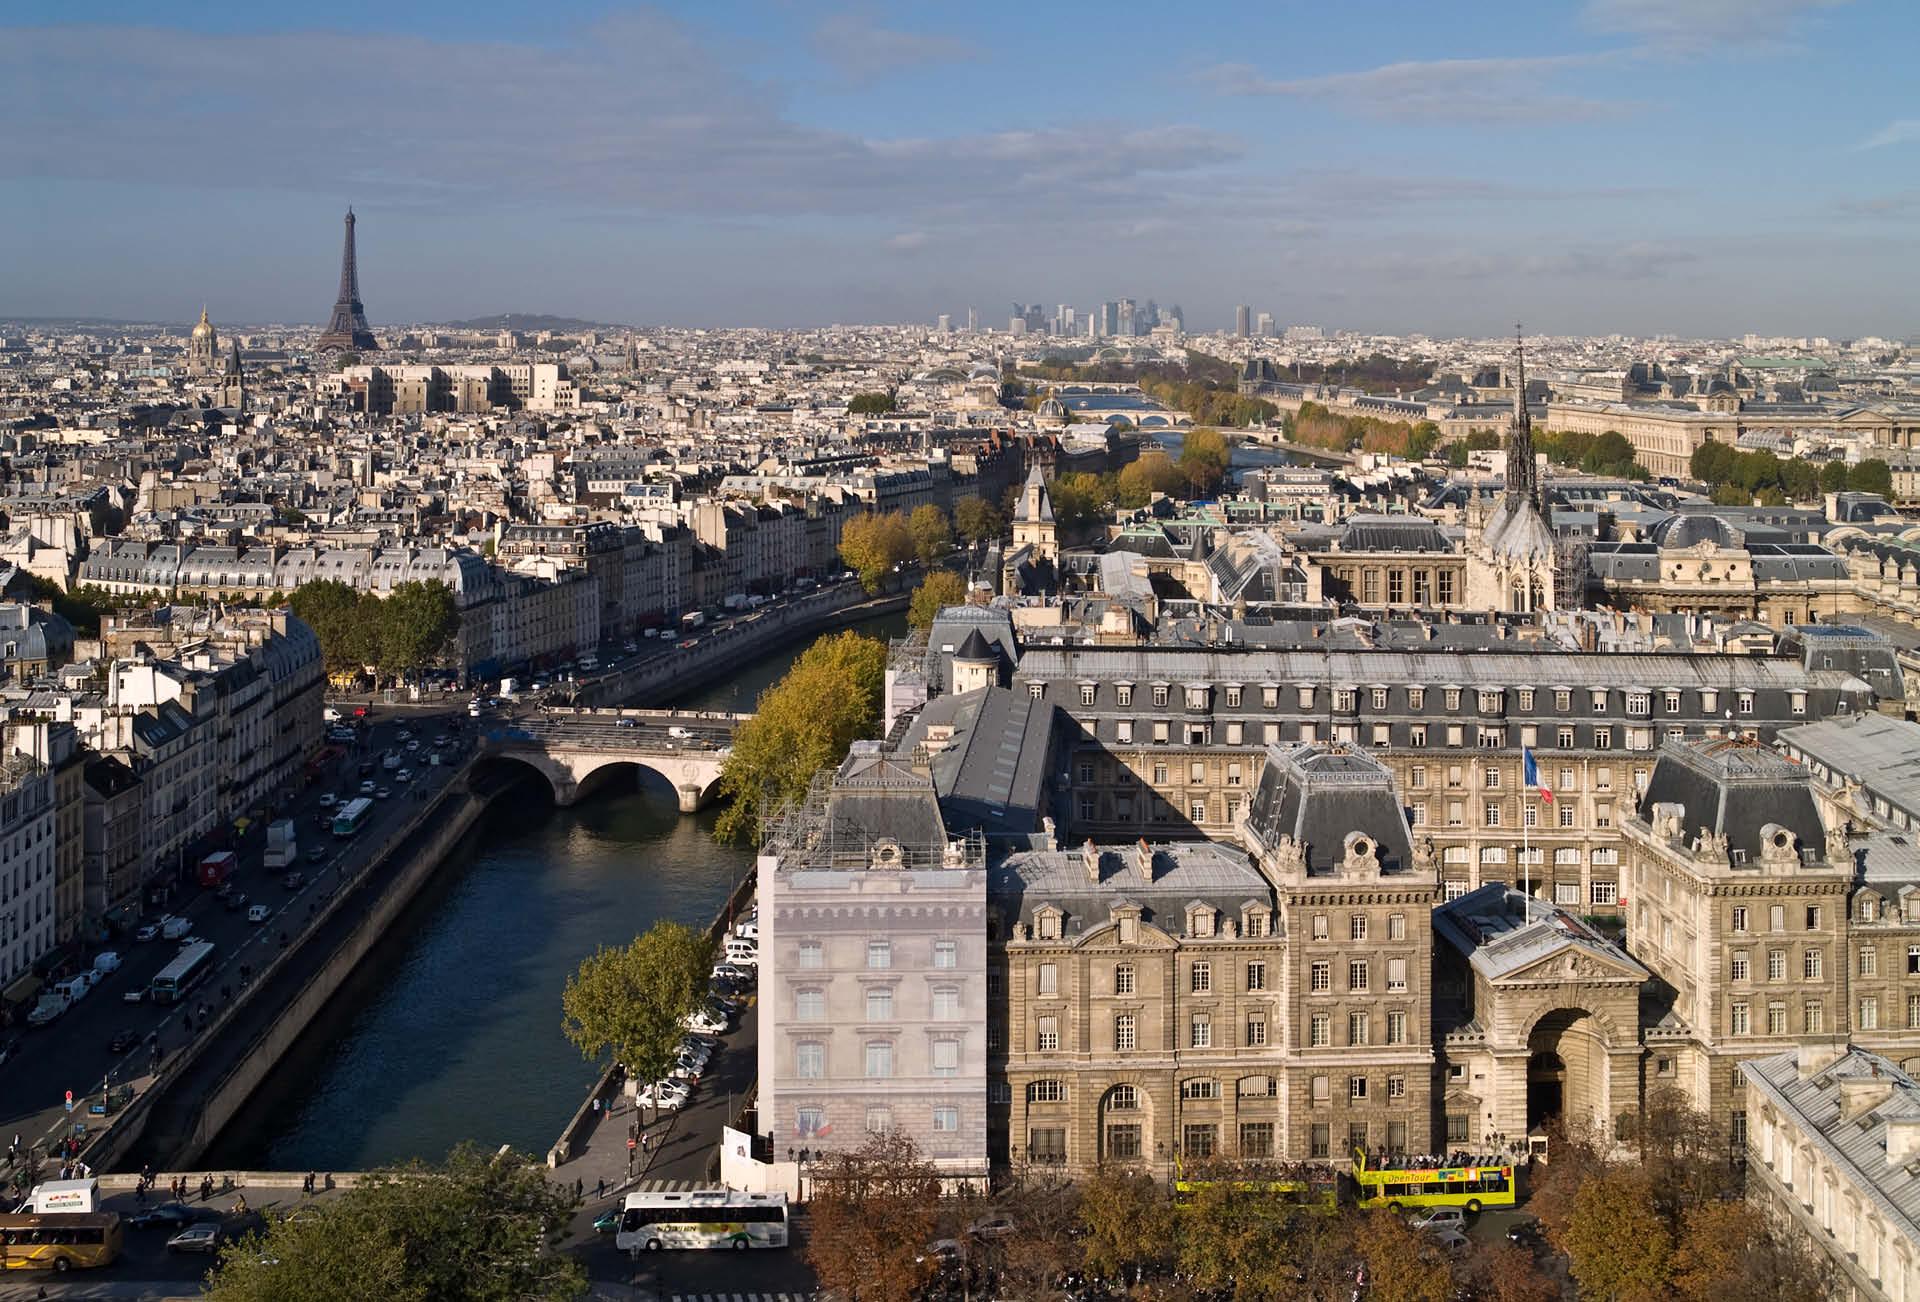 Radtour-Paris-London4.jpg